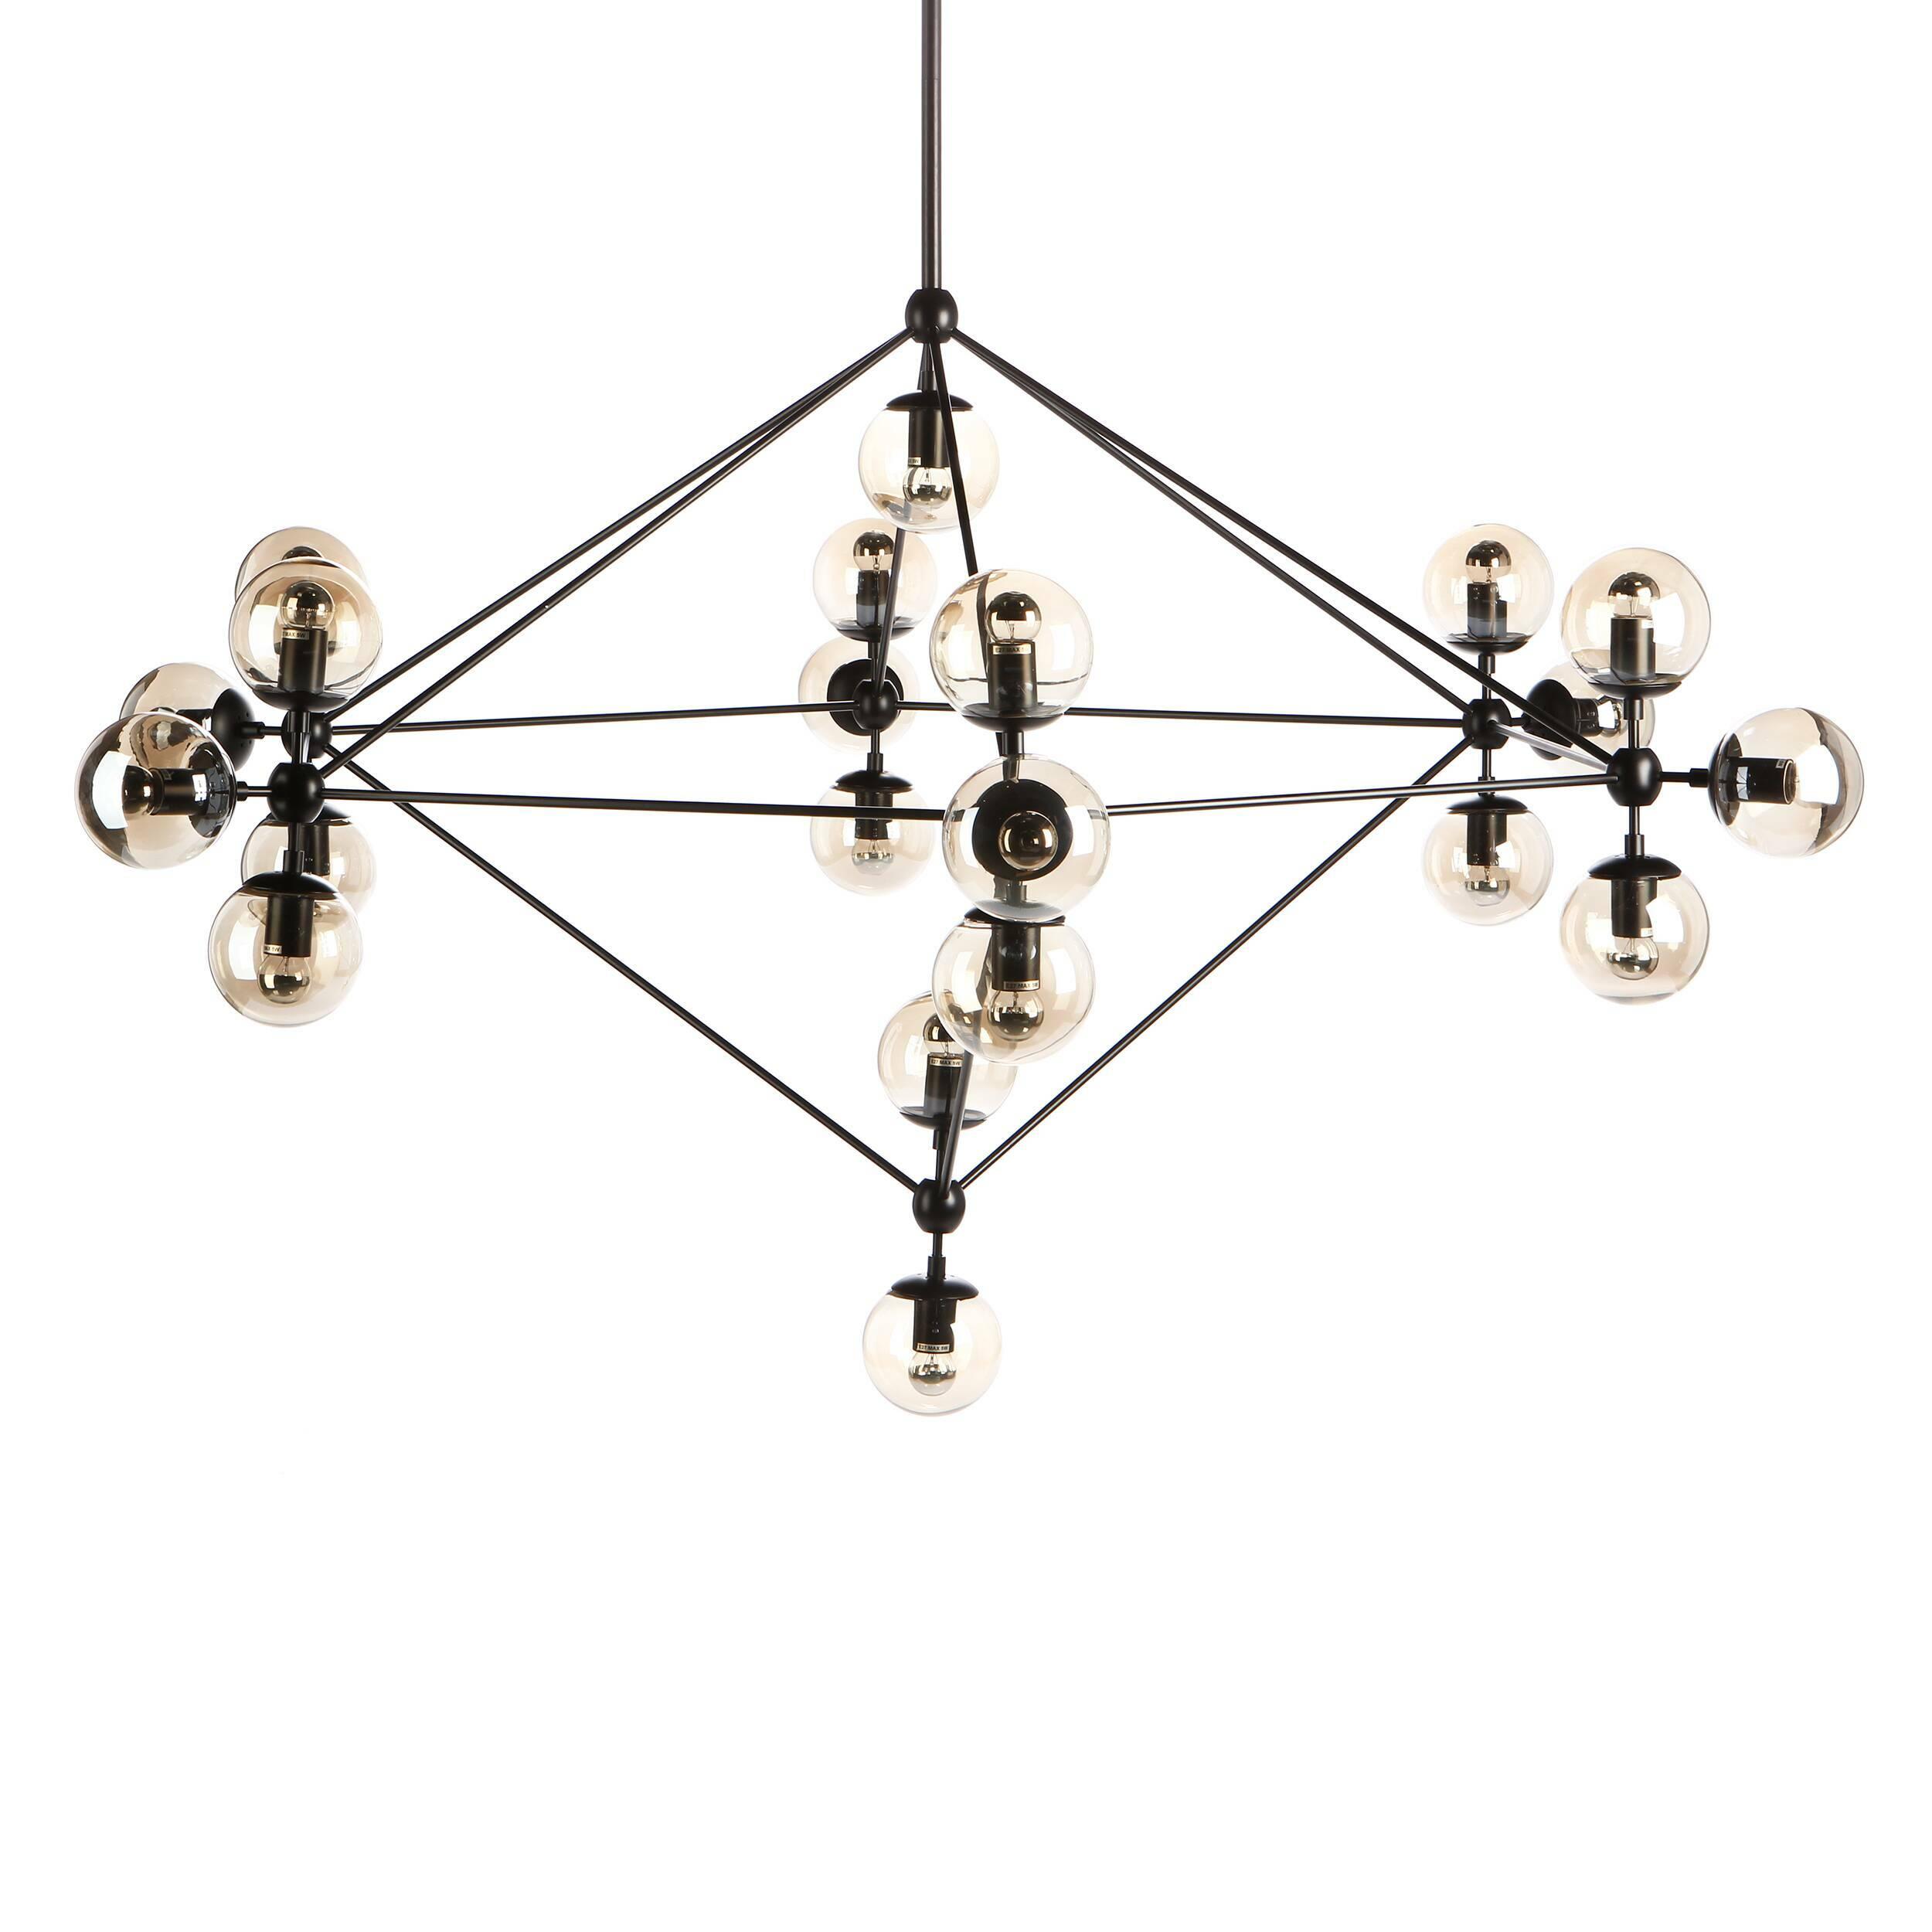 Подвесной светильник Modo ChandelierПодвесные<br>Во время очередной прогулки по Канал-стрит, что недалеко от его студии в Бруклине, дизайнер Джейсон Миллер почувствовал прилив вдохновения, который привел к созданию подвесного светильника Modo Chandelier. «Пусть улица, где меня посетила эта идея, достаточно обычна и непримечательна, сам светильник выглядит очень утонченным и оригинальным», — говорит по этому поводу сам Джейсон.<br><br><br> Для создания светильника используются дорогие и качественные материалы, поэтому подвесной светильник Mod...<br><br>stock: 6<br>Высота: 235<br>Диаметр: 170<br>Количество ламп: 21<br>Материал абажура: Стекло<br>Материал арматуры: Металл<br>Мощность лампы: 5<br>Ламп в комплекте: Нет<br>Напряжение: 220<br>Тип лампы/цоколь: E27<br>Цвет абажура: Прозрачный<br>Цвет арматуры: Черный